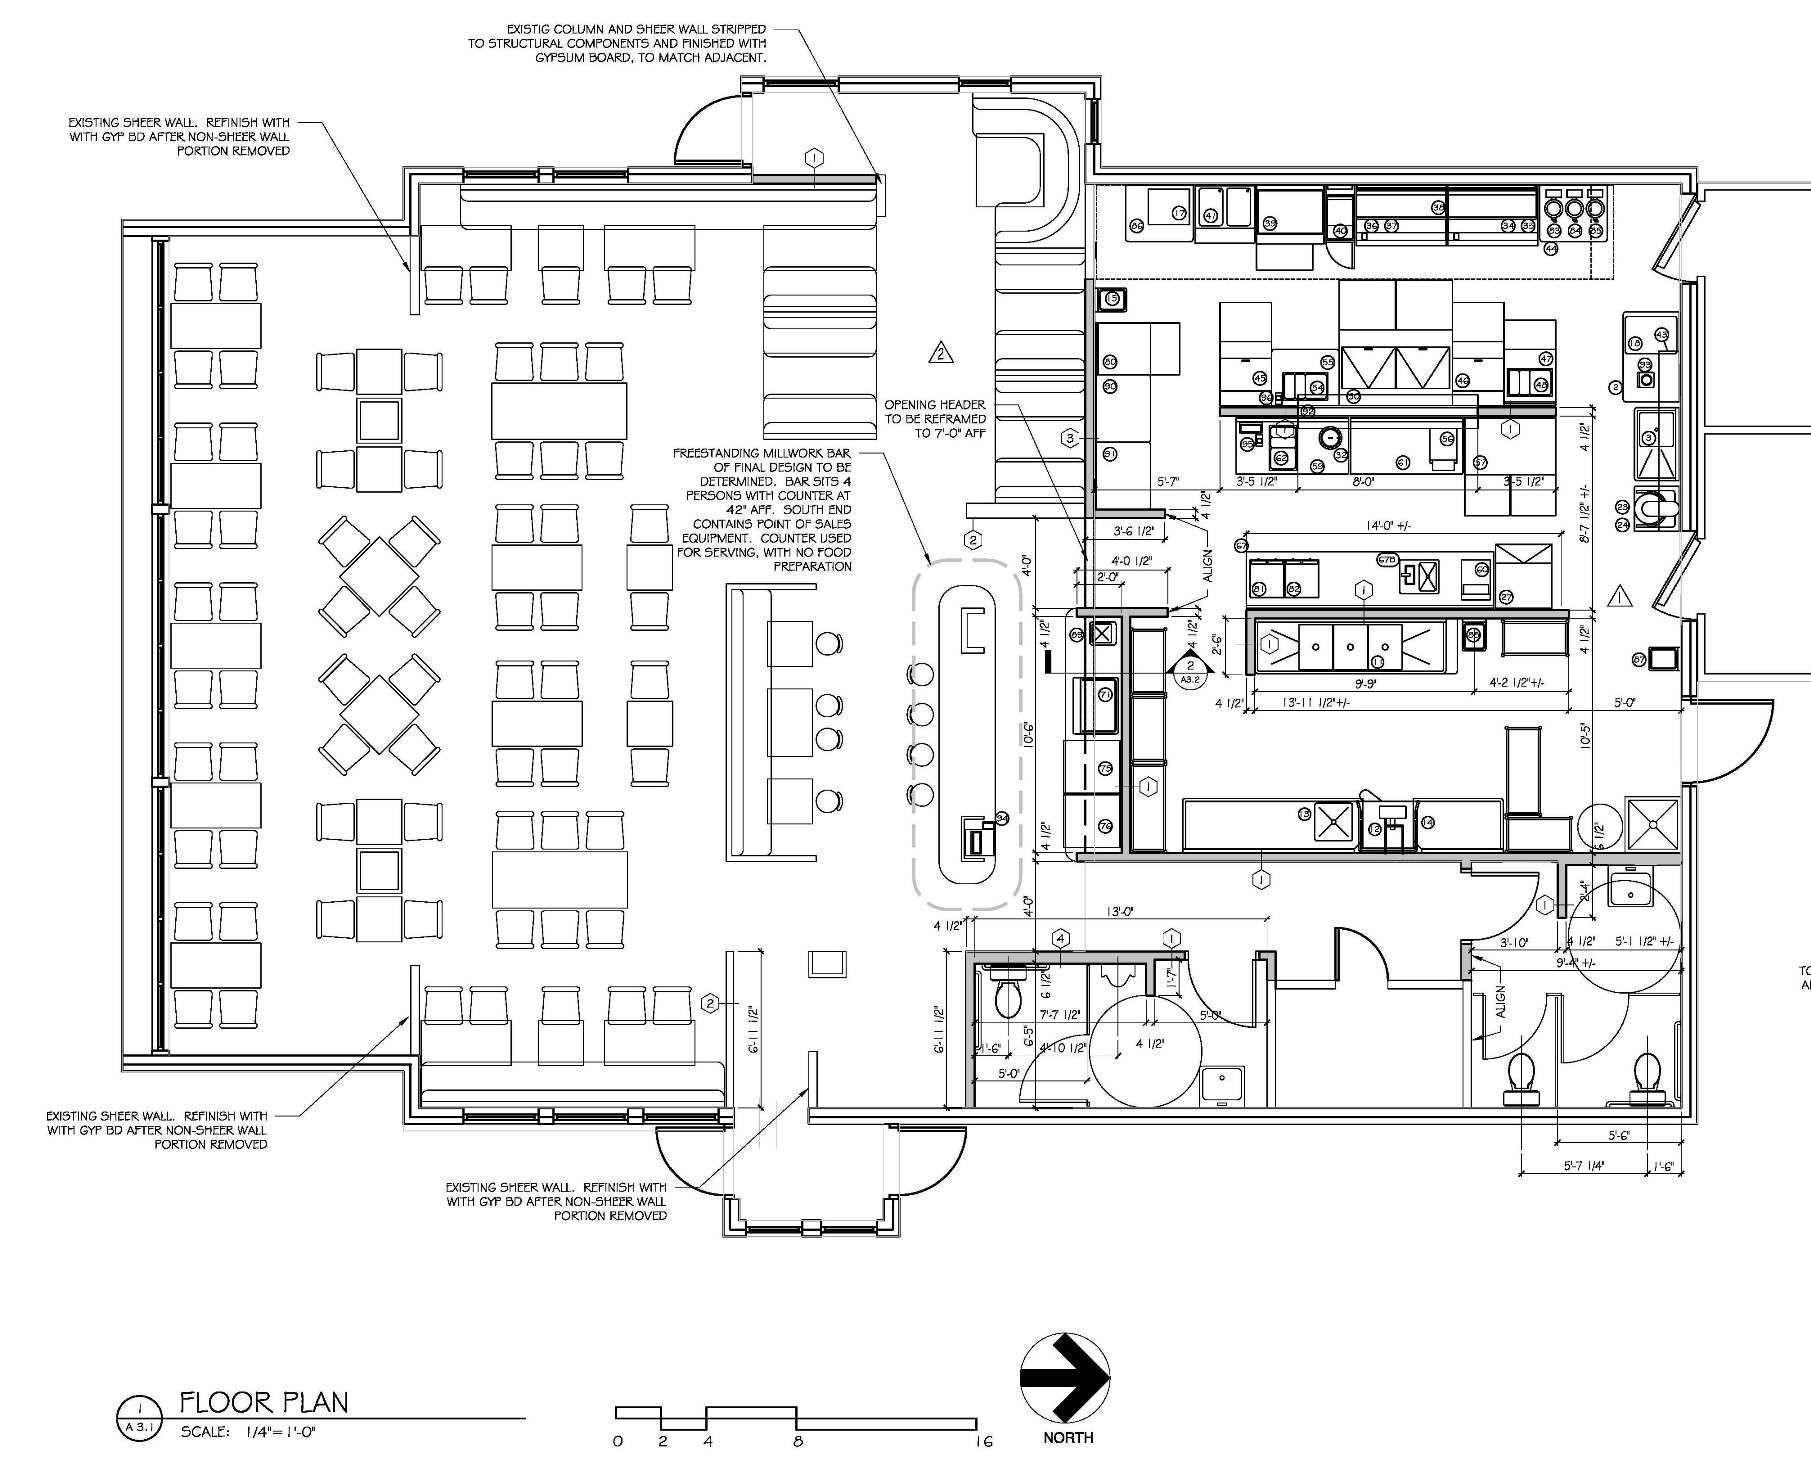 Restaurant Kitchen Layout Dimensions Design Home Design Ideas